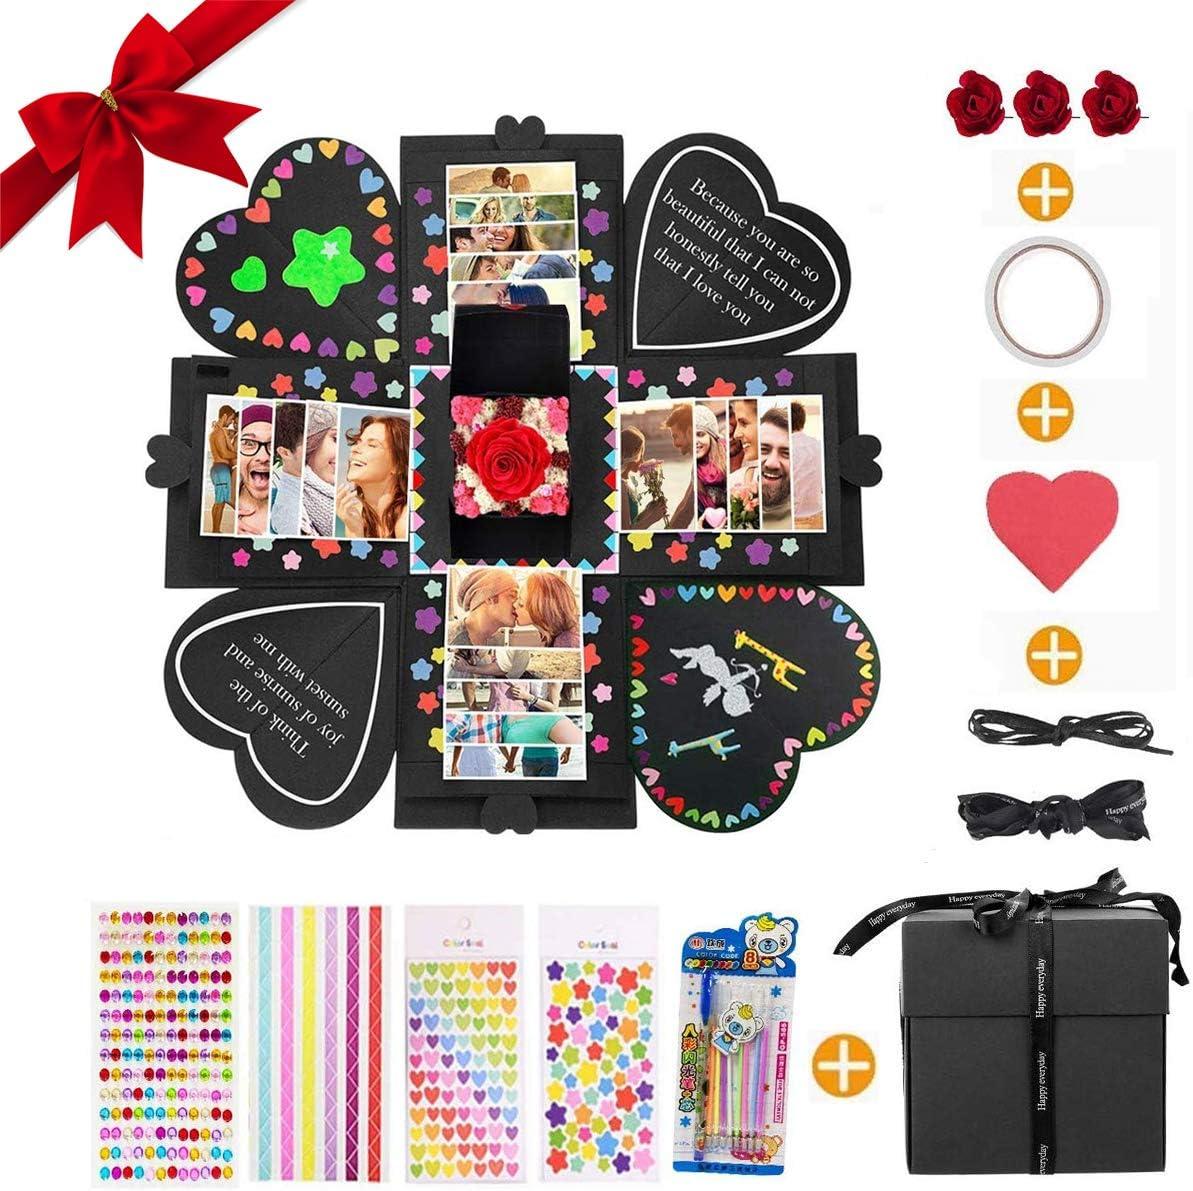 MMTX Explosion Box Scrapbook Creative DIY Photo Album, Caja Sorpresa Regalo de Fotos para cumpleaños Aniversario Boda San Valentín Día de la Madre Navidad La Caja de Regalo (Negro)…